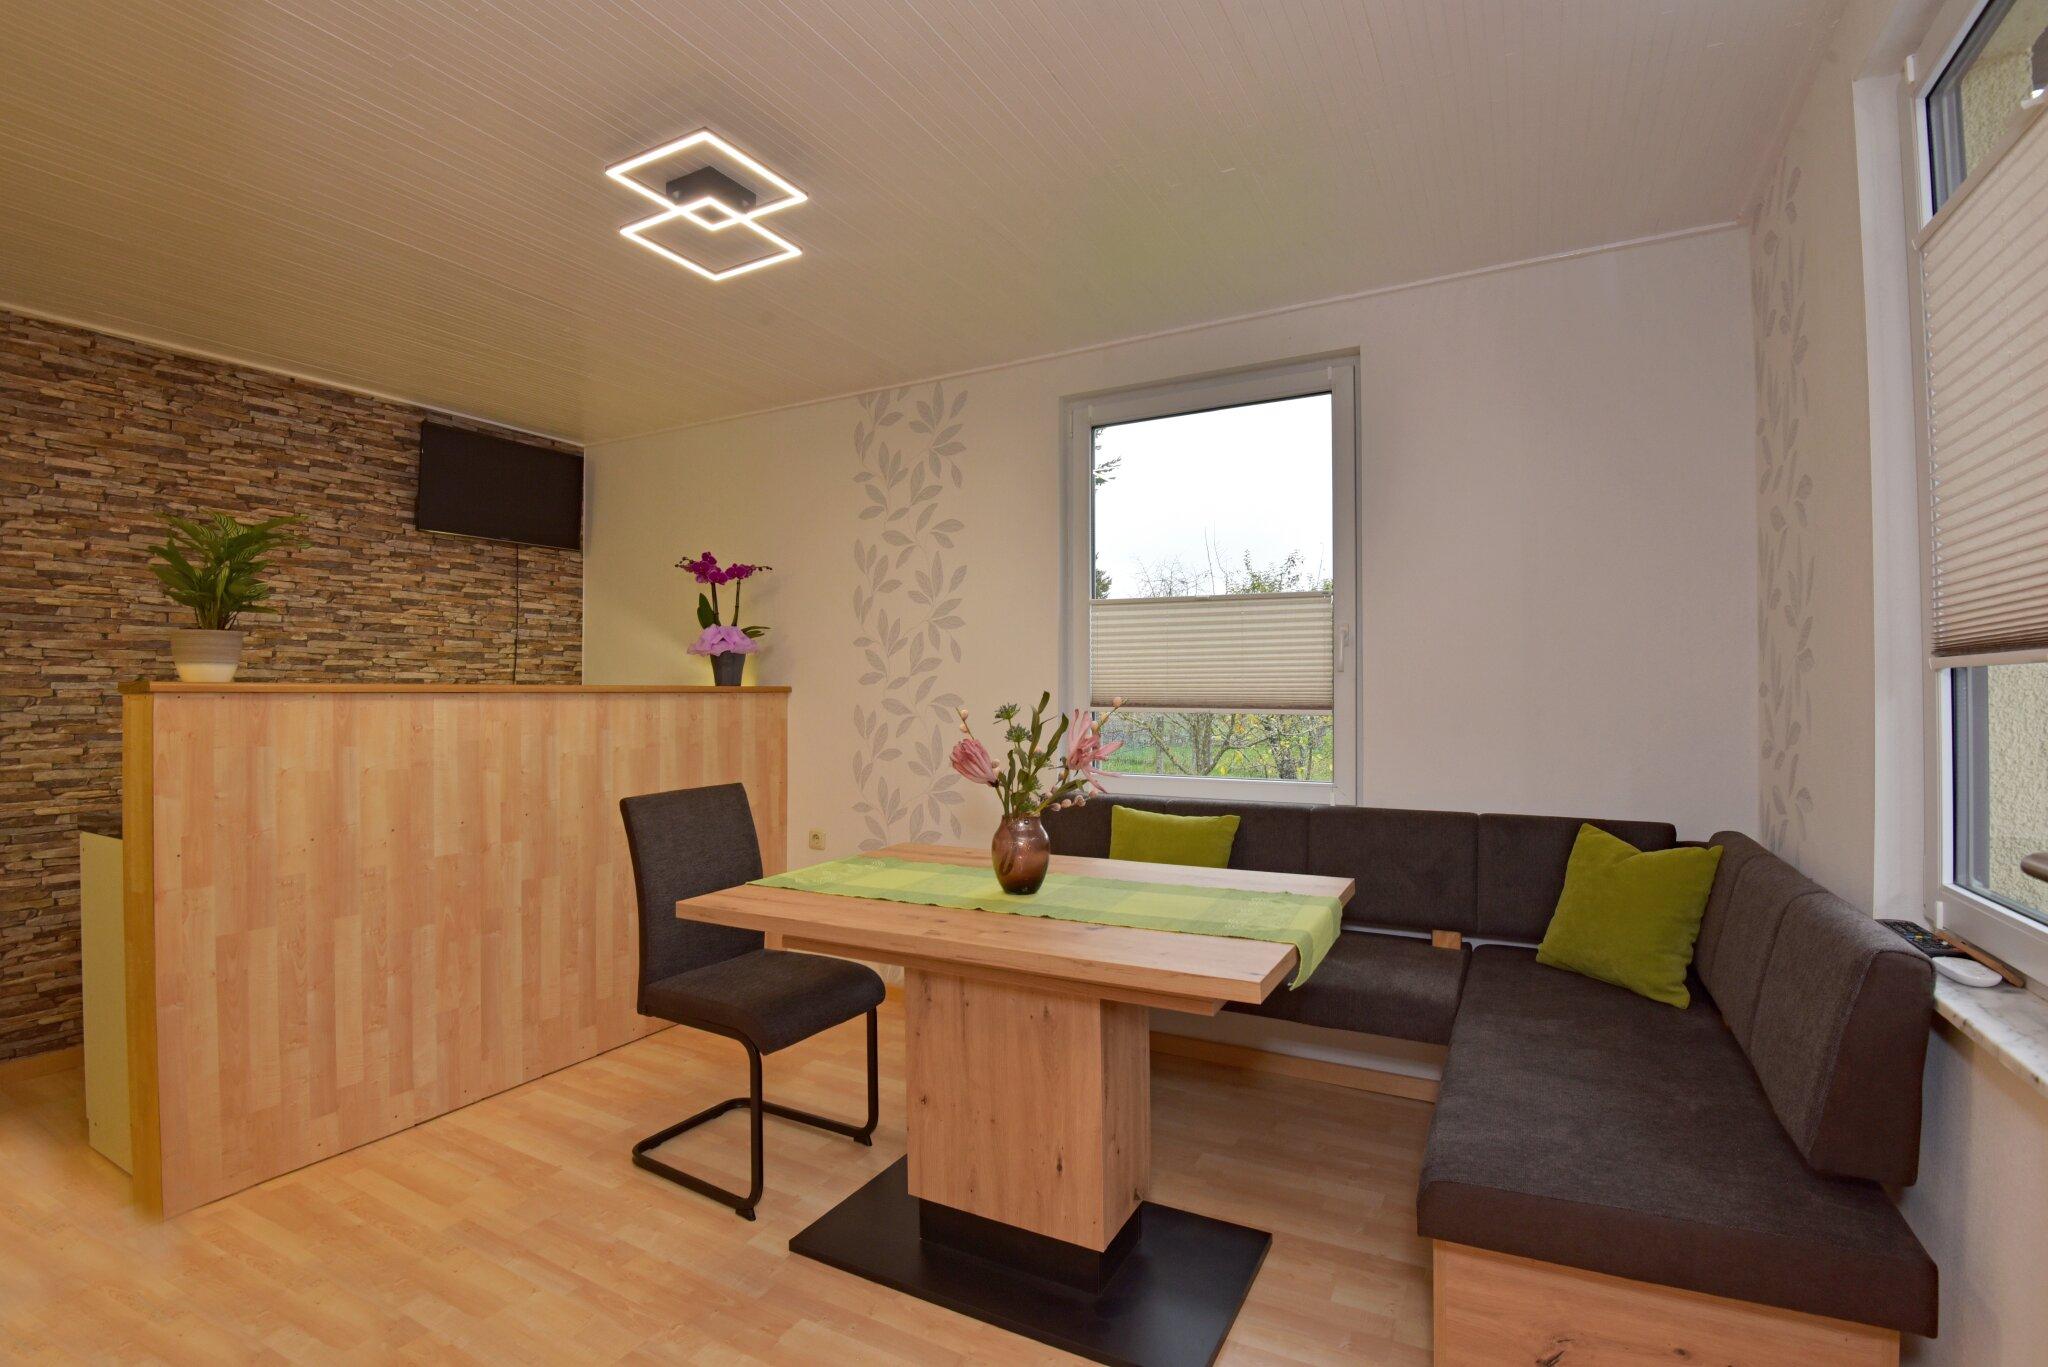 Blick in das Ferienhaus, Wohnzimmer